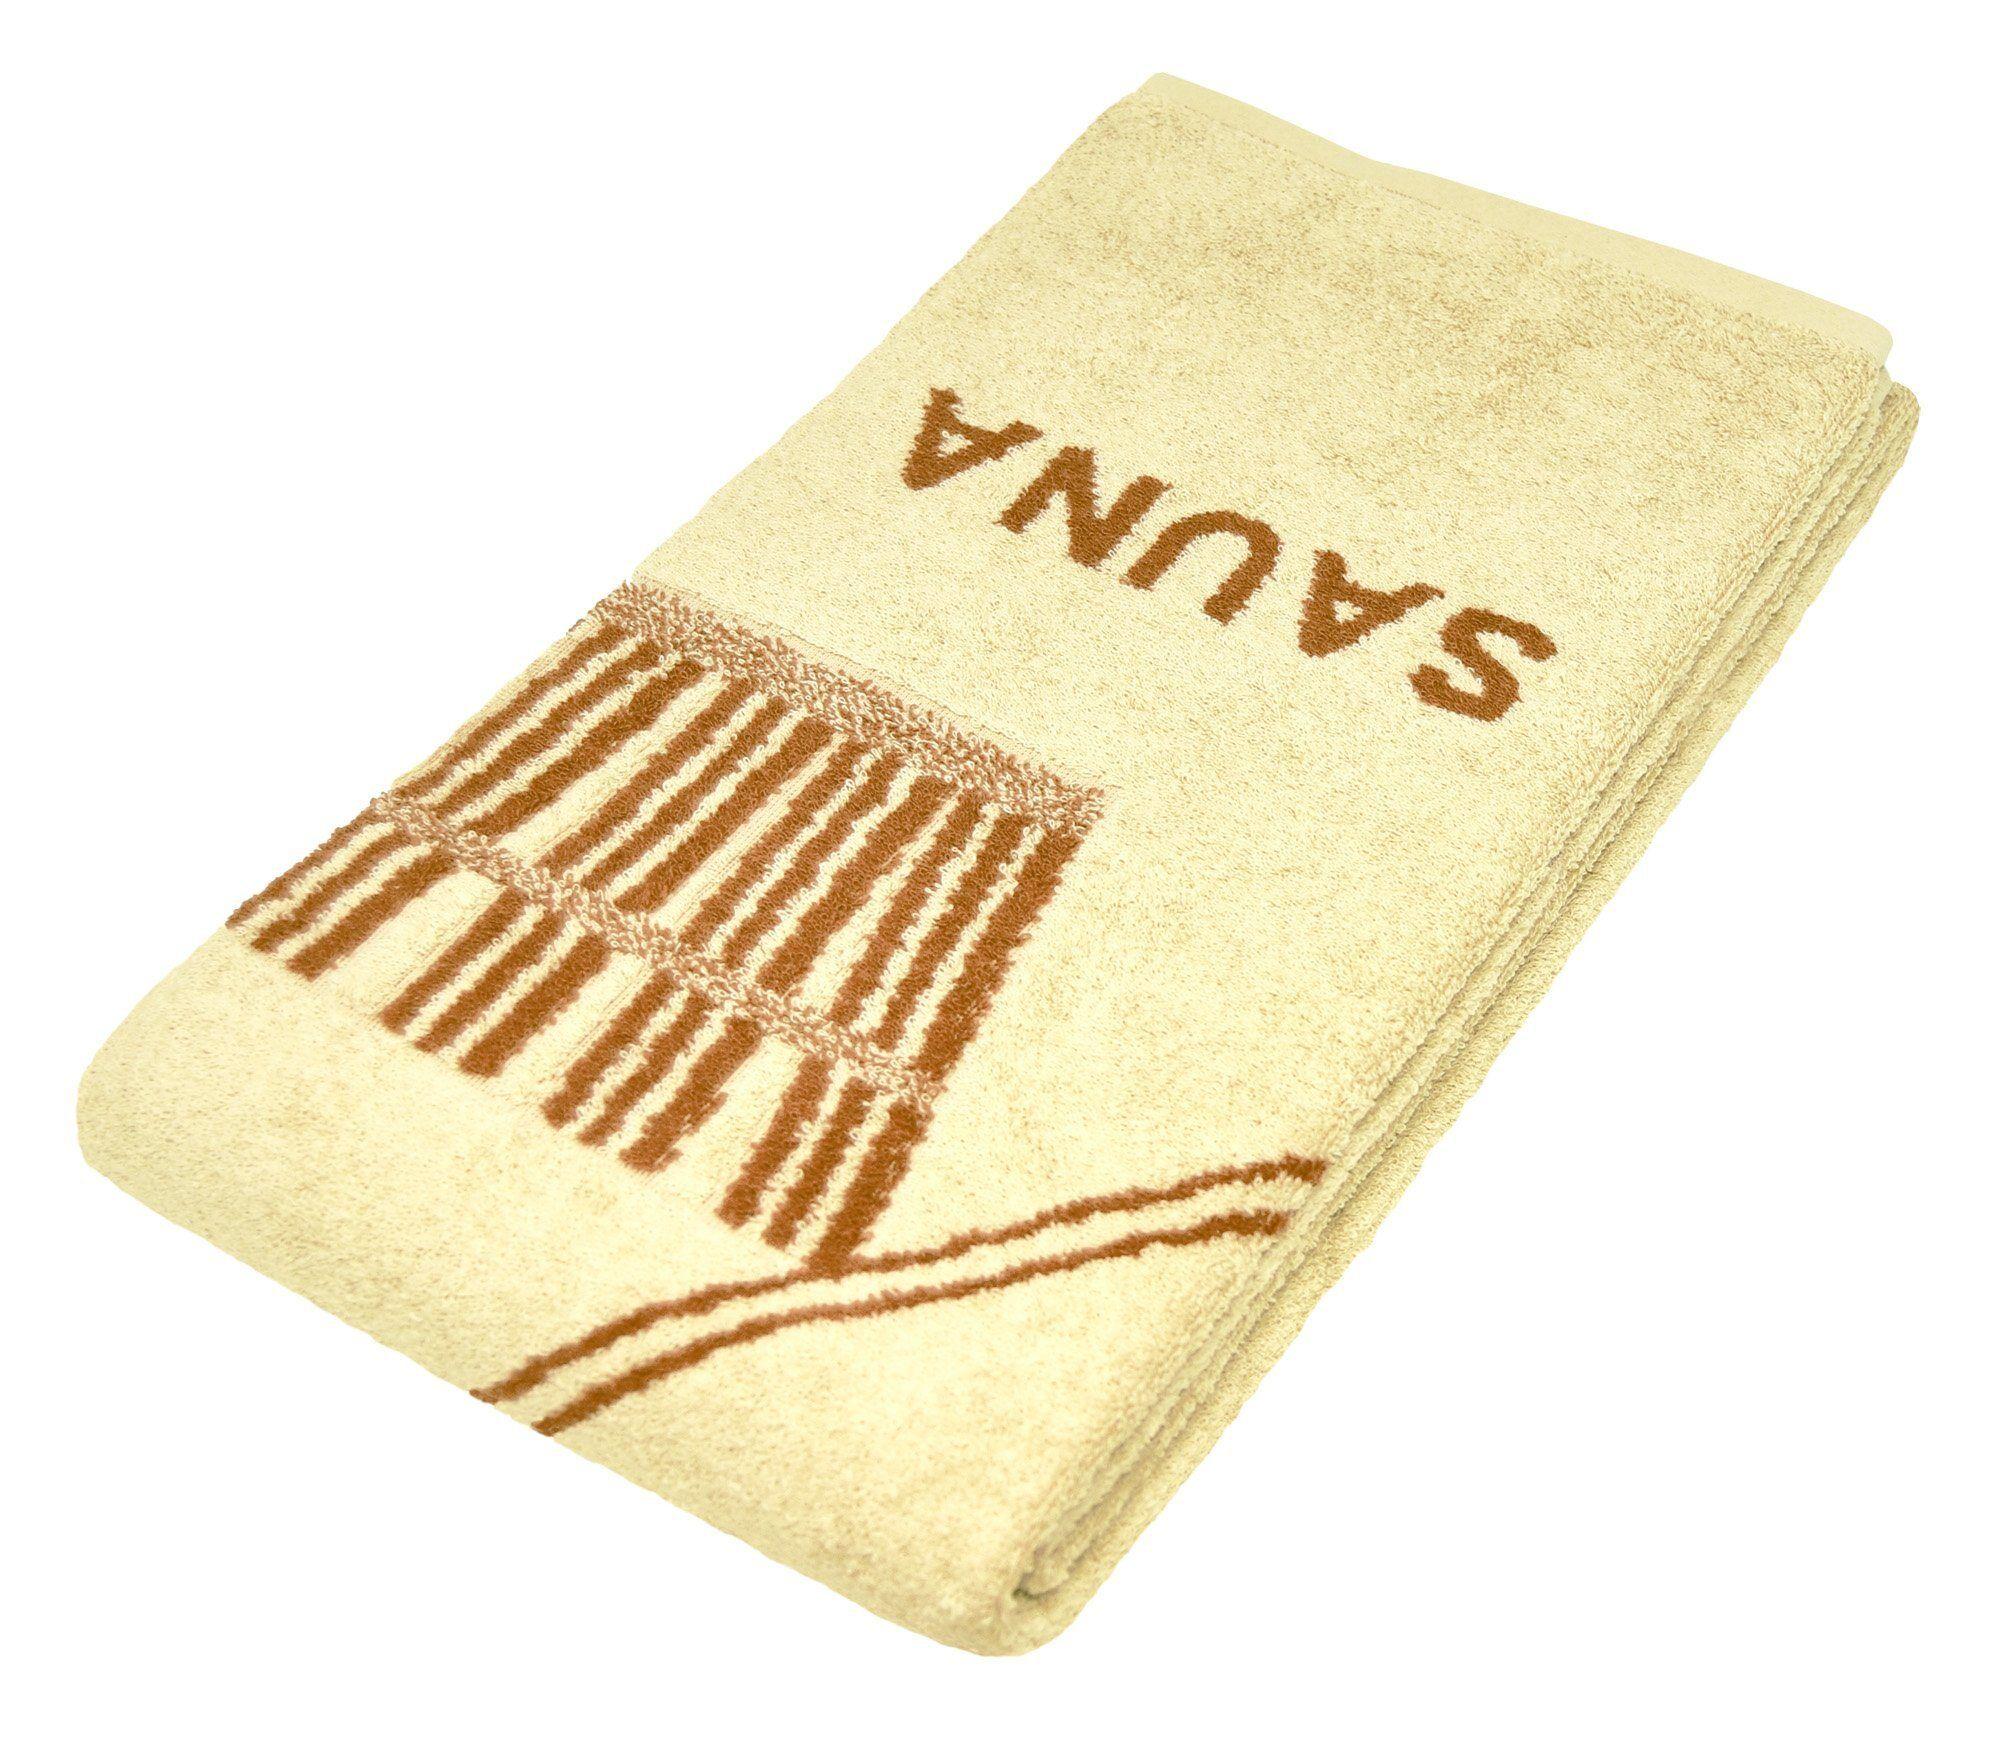 Lashuma Saunatuch »Stockholm« (1-St), ein Wellness Handtuch für Genießer!, beige